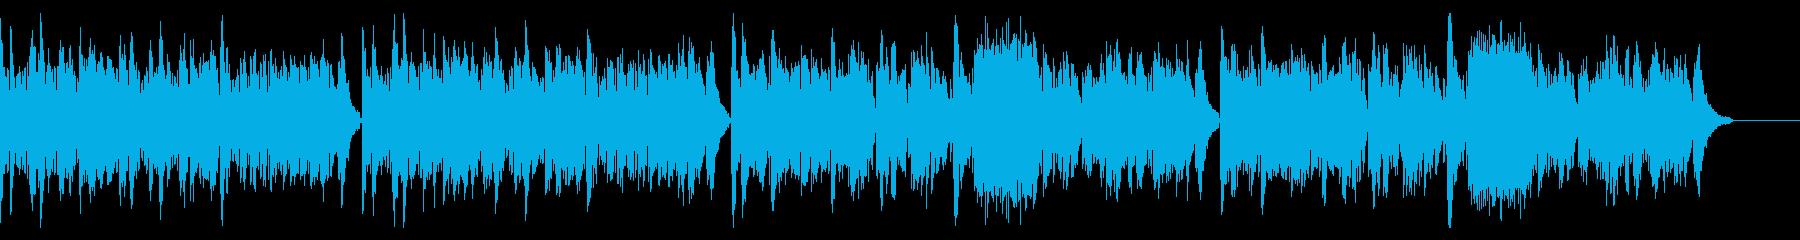 優雅で晴朗なチェンバロ バロック・高音質の再生済みの波形